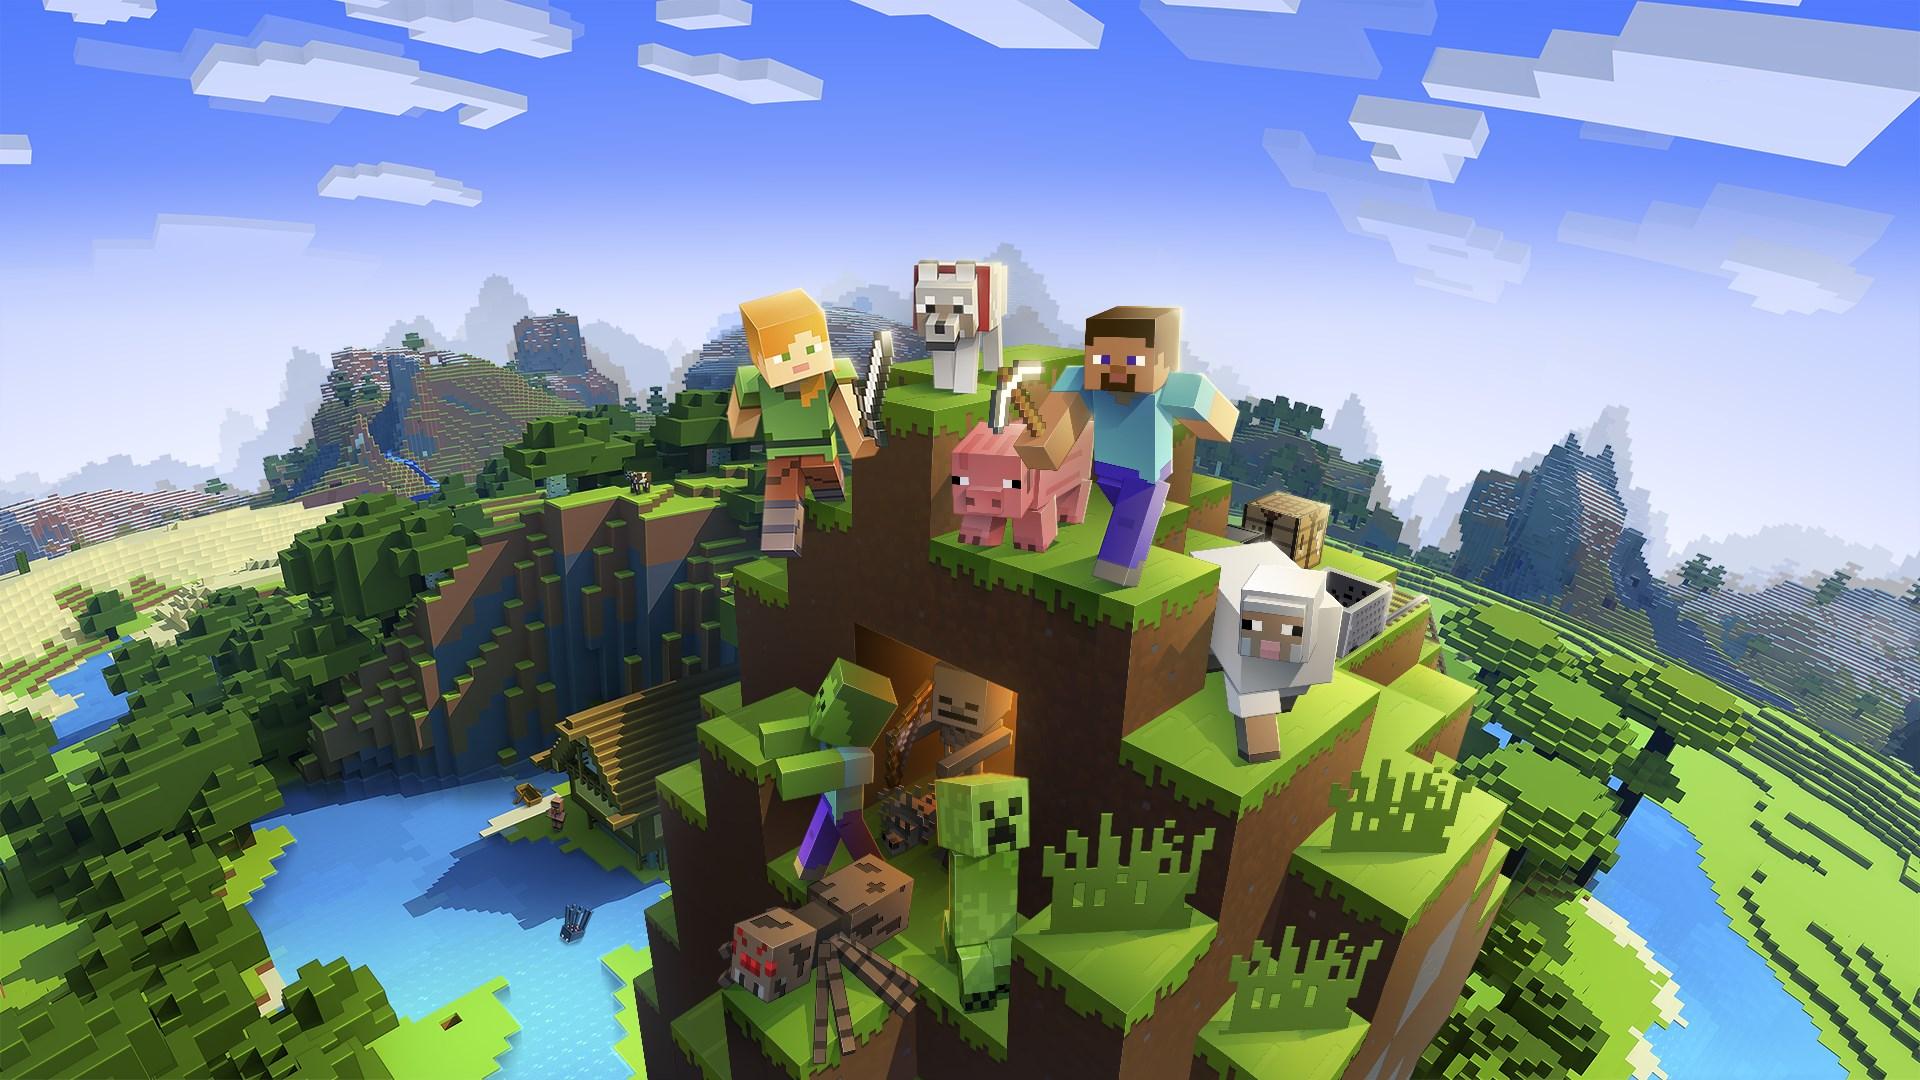 Minecraft'ın Aylık Toplam Oyuncu Sayısı Ne Kadar?